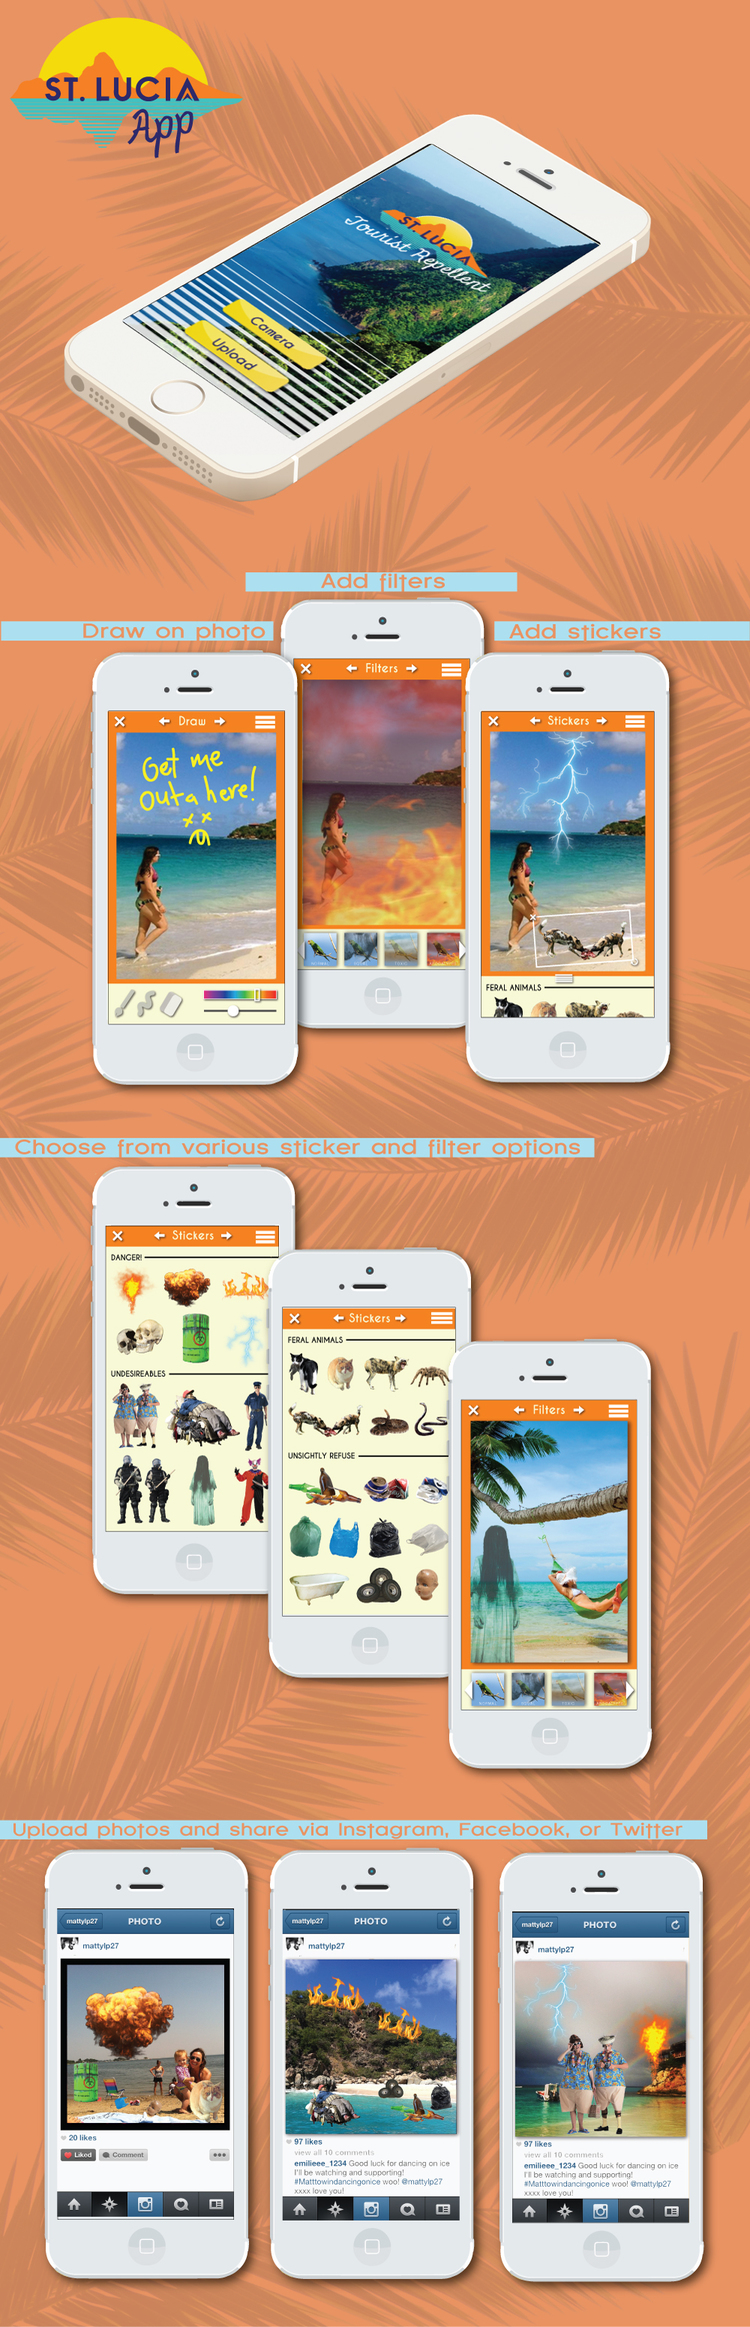 St. Lucia App.jpg